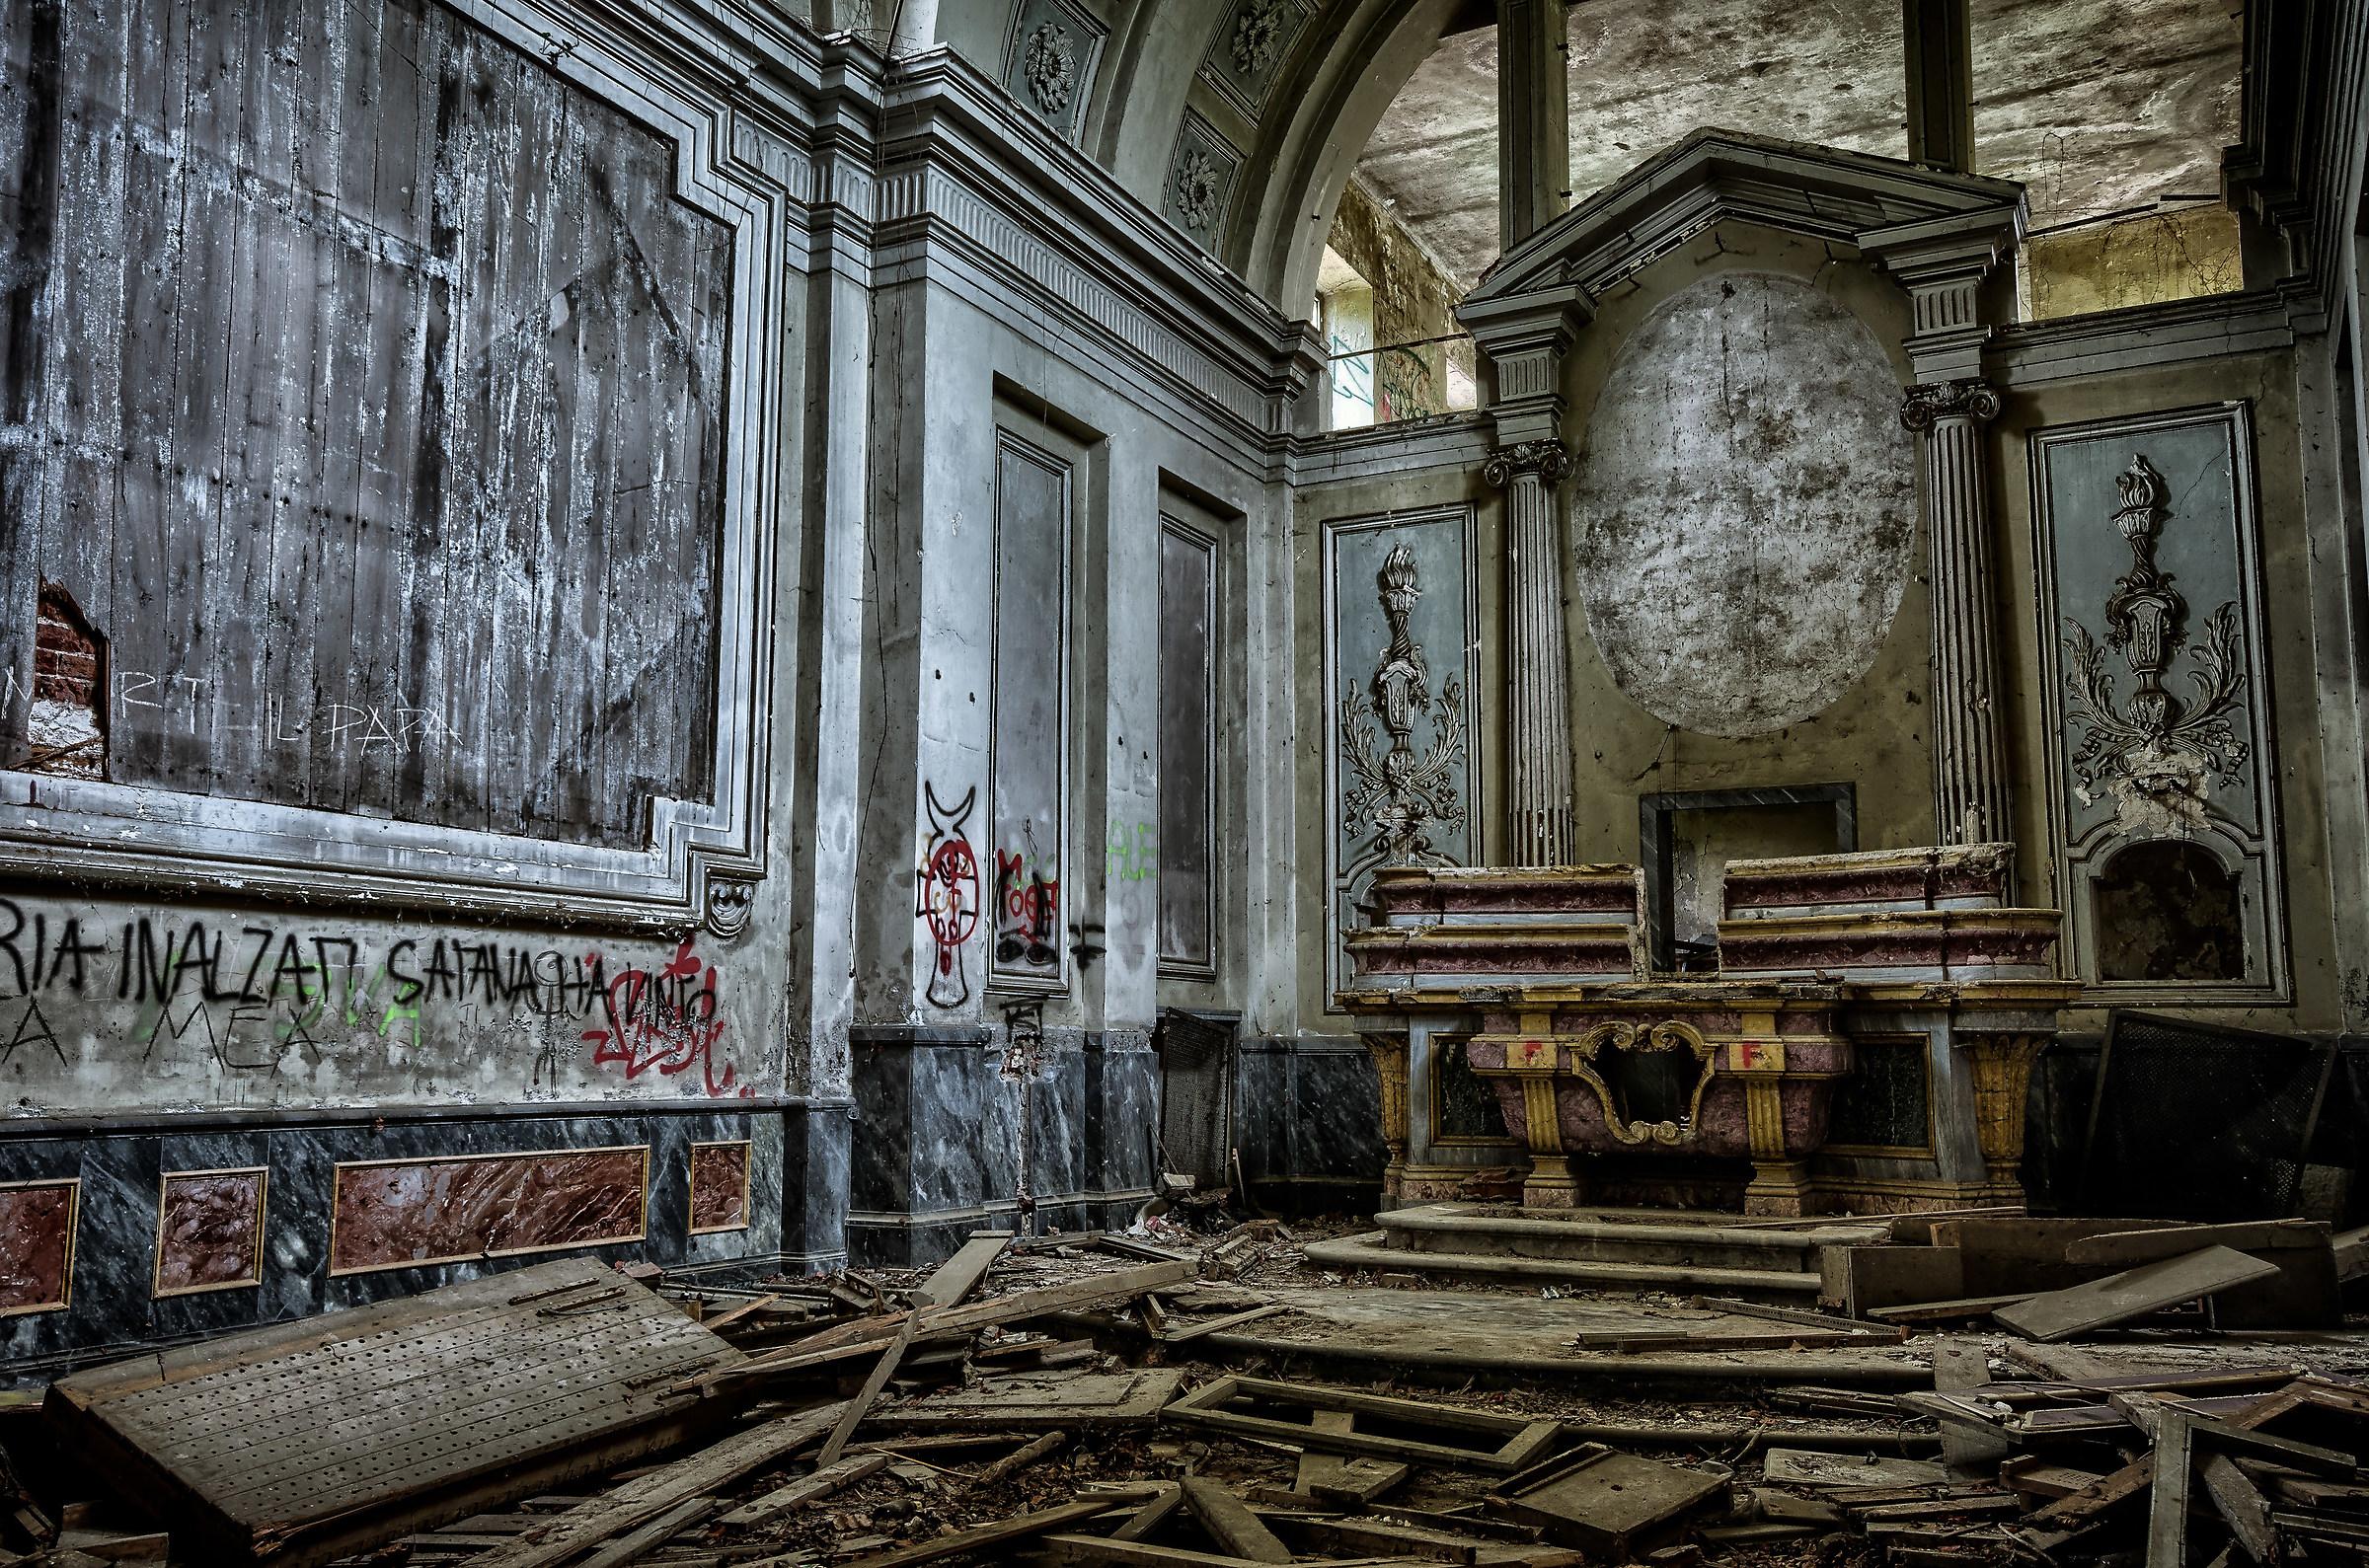 Villa moglia interno chiesetta devastata juzaphoto for Interno j